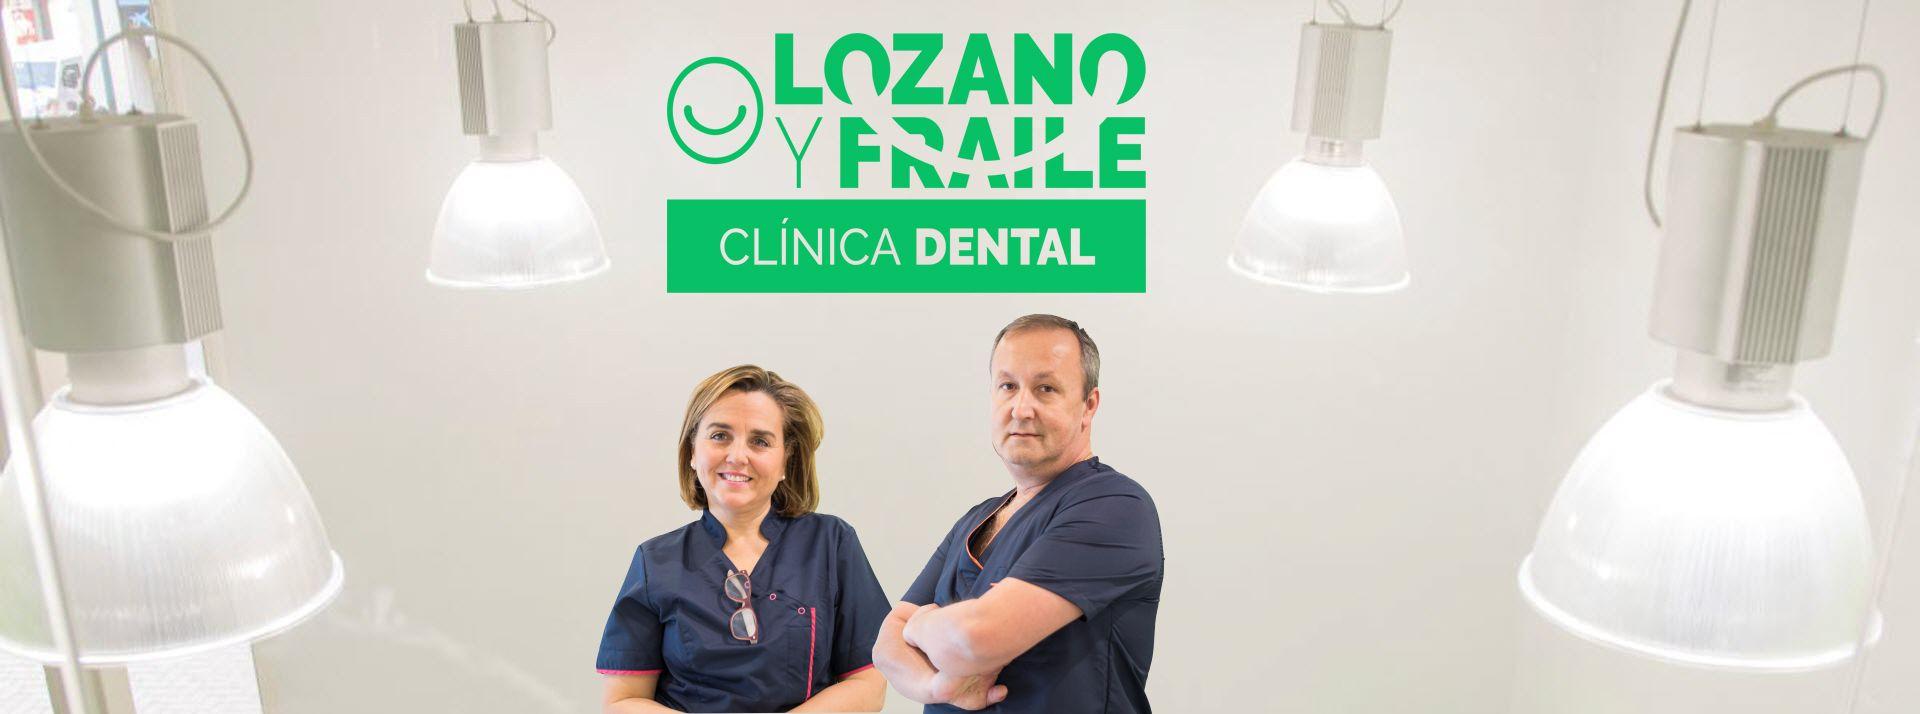 Empresas: Inauguración de una nueva clínica dental en pleno centro de Málaga | Autor del artículo: Finanzas.com